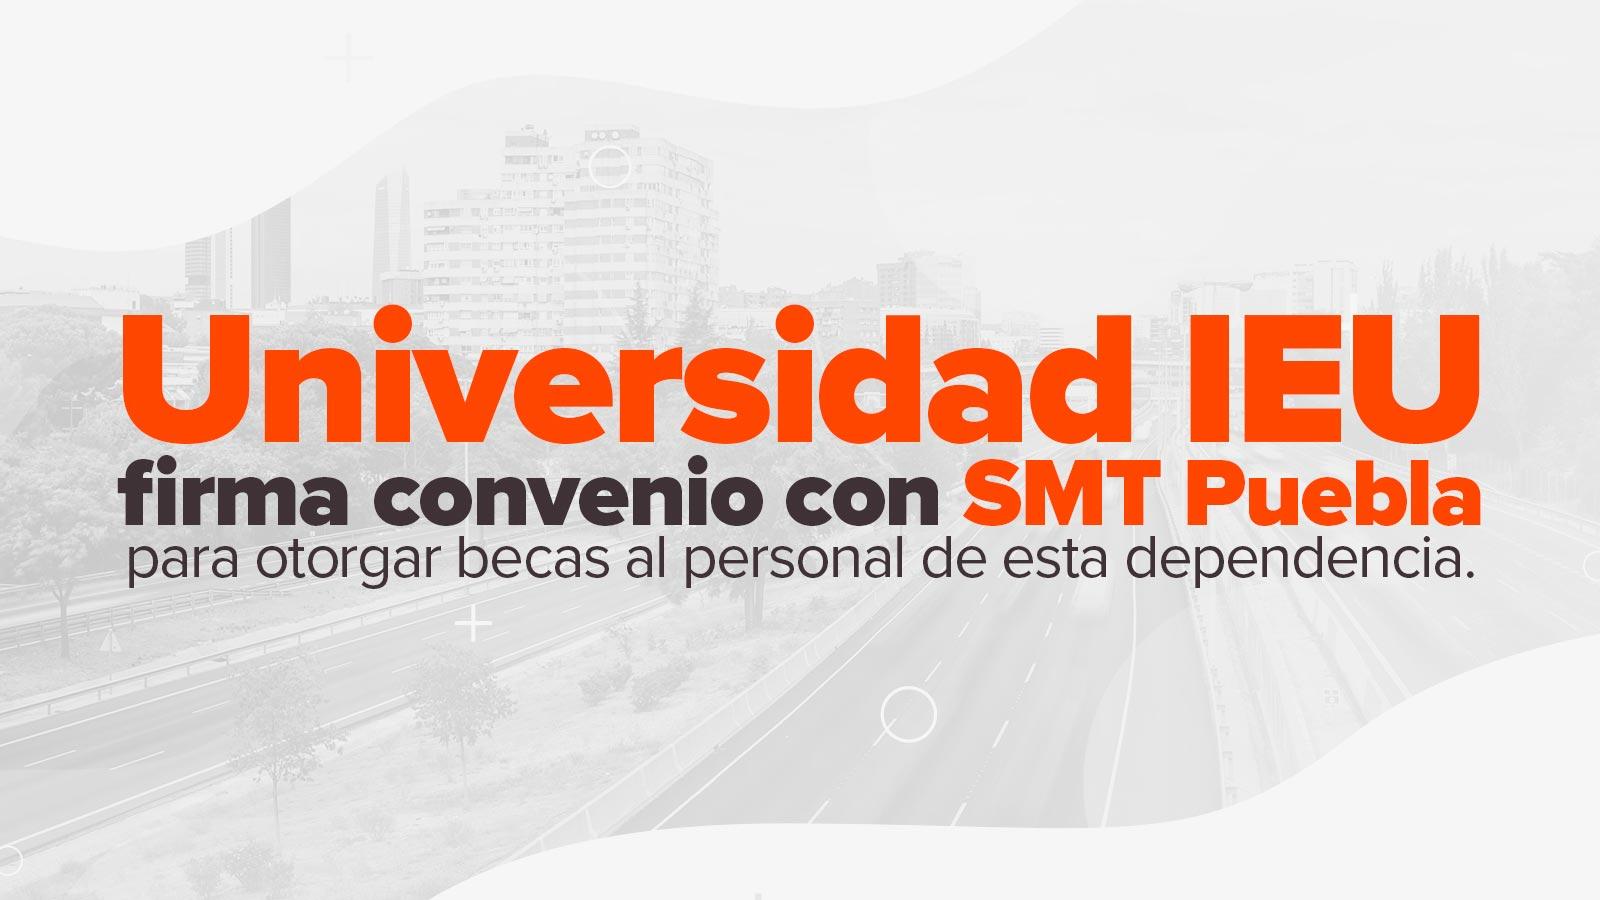 Universidad Ieu Firma Convenio Con Smt Puebla Para Otorgar Becas Al Personal De Esta Dependencia